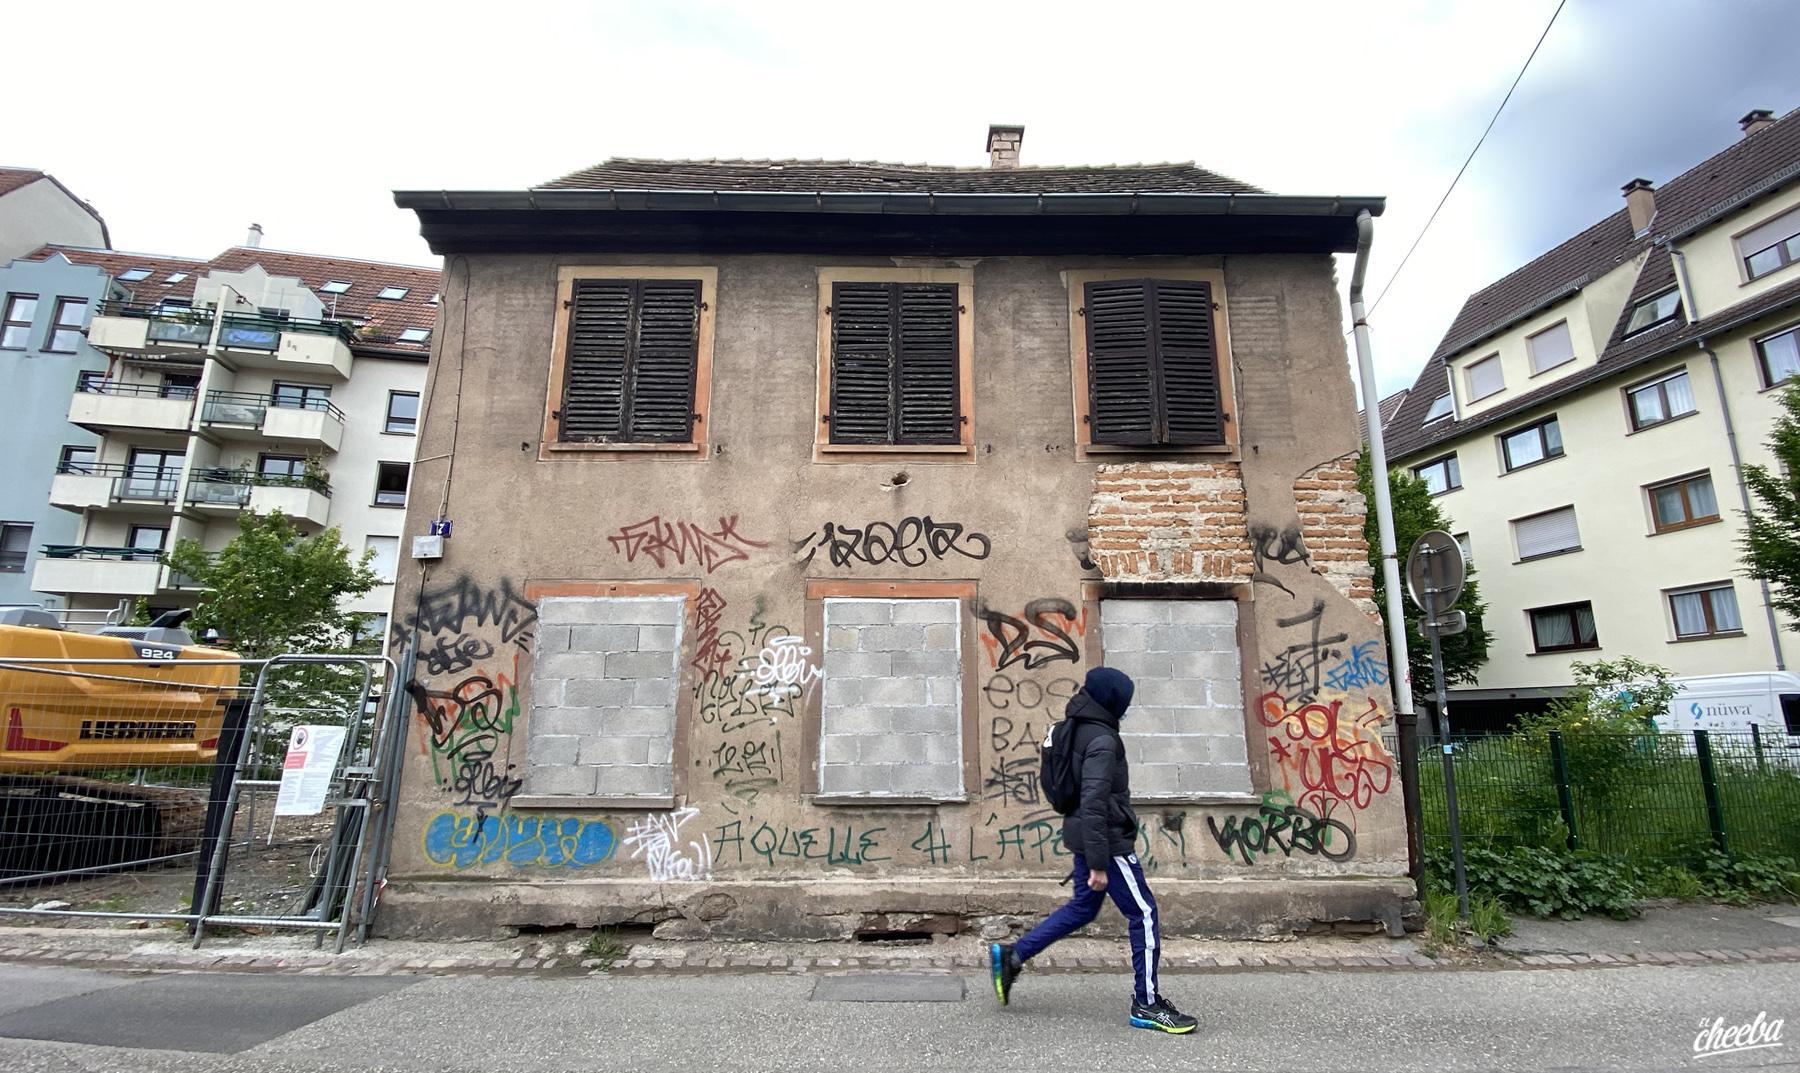 Urbex à la Maison Number Seven - Urbex Alsace by El Cheeba